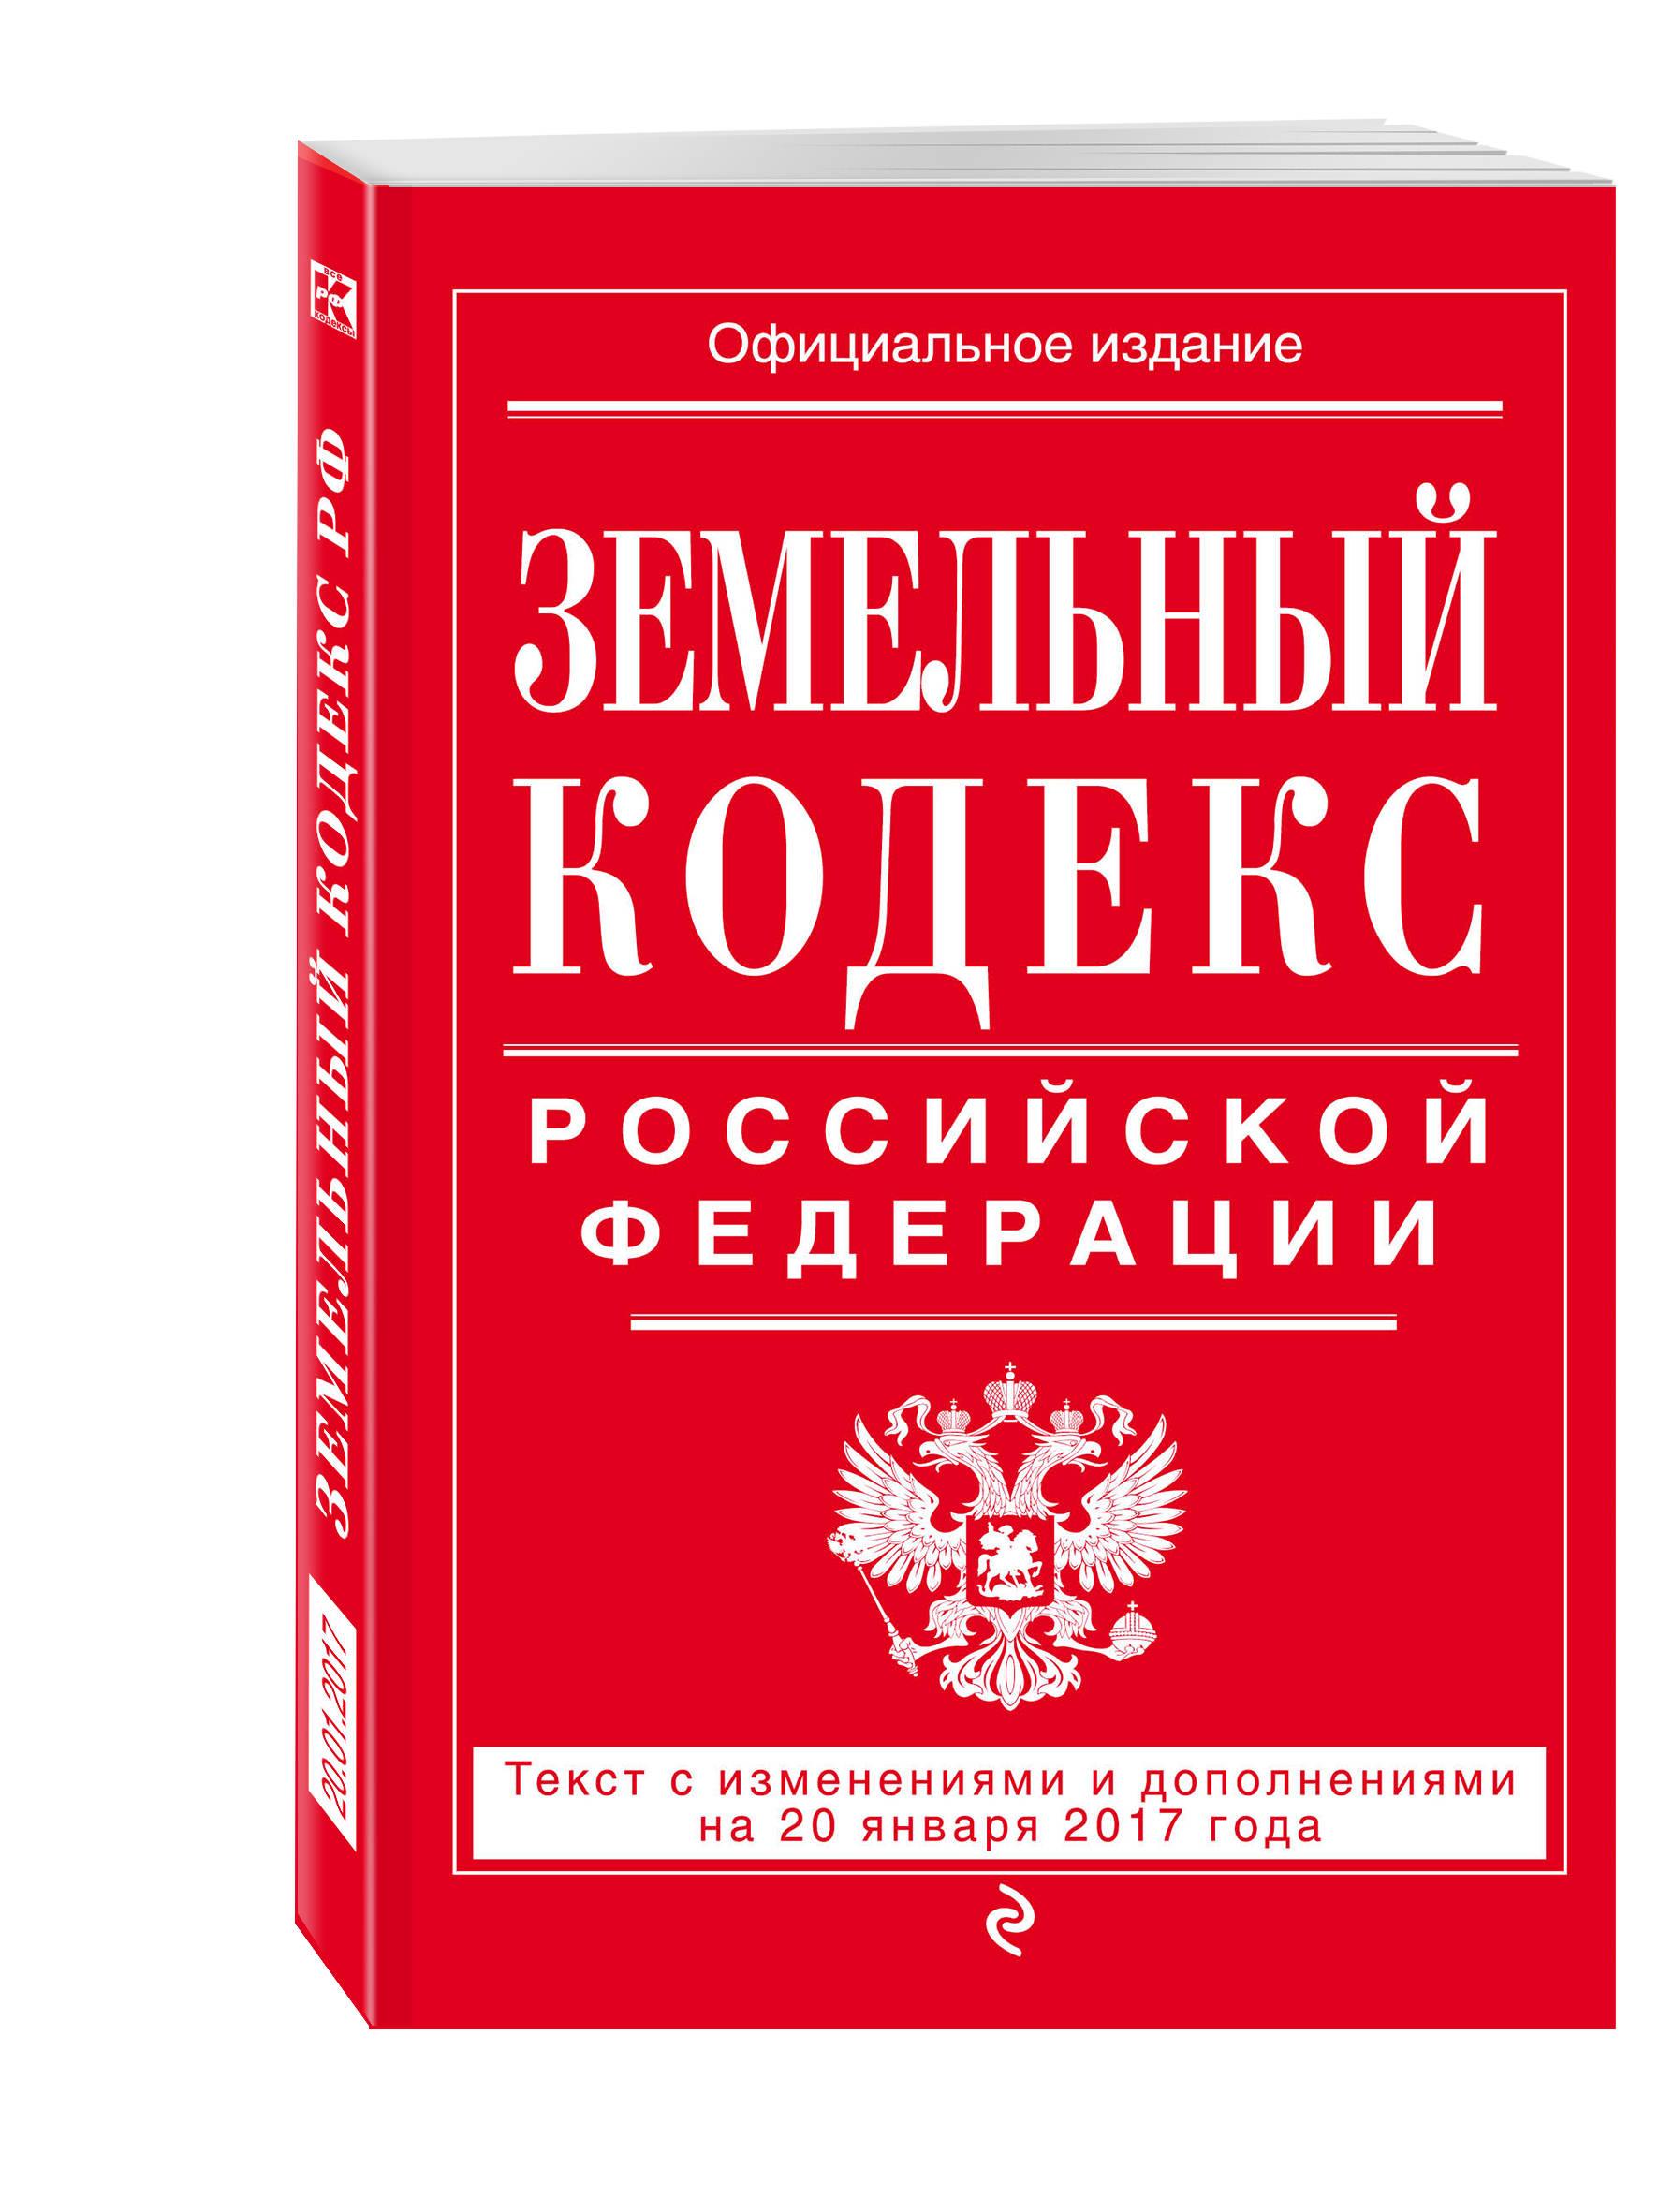 Земельный кодекс Российской Федерации : текст с изм. и доп. на 20 января 2017 г. куплю земельный участок по рогачевскому ш